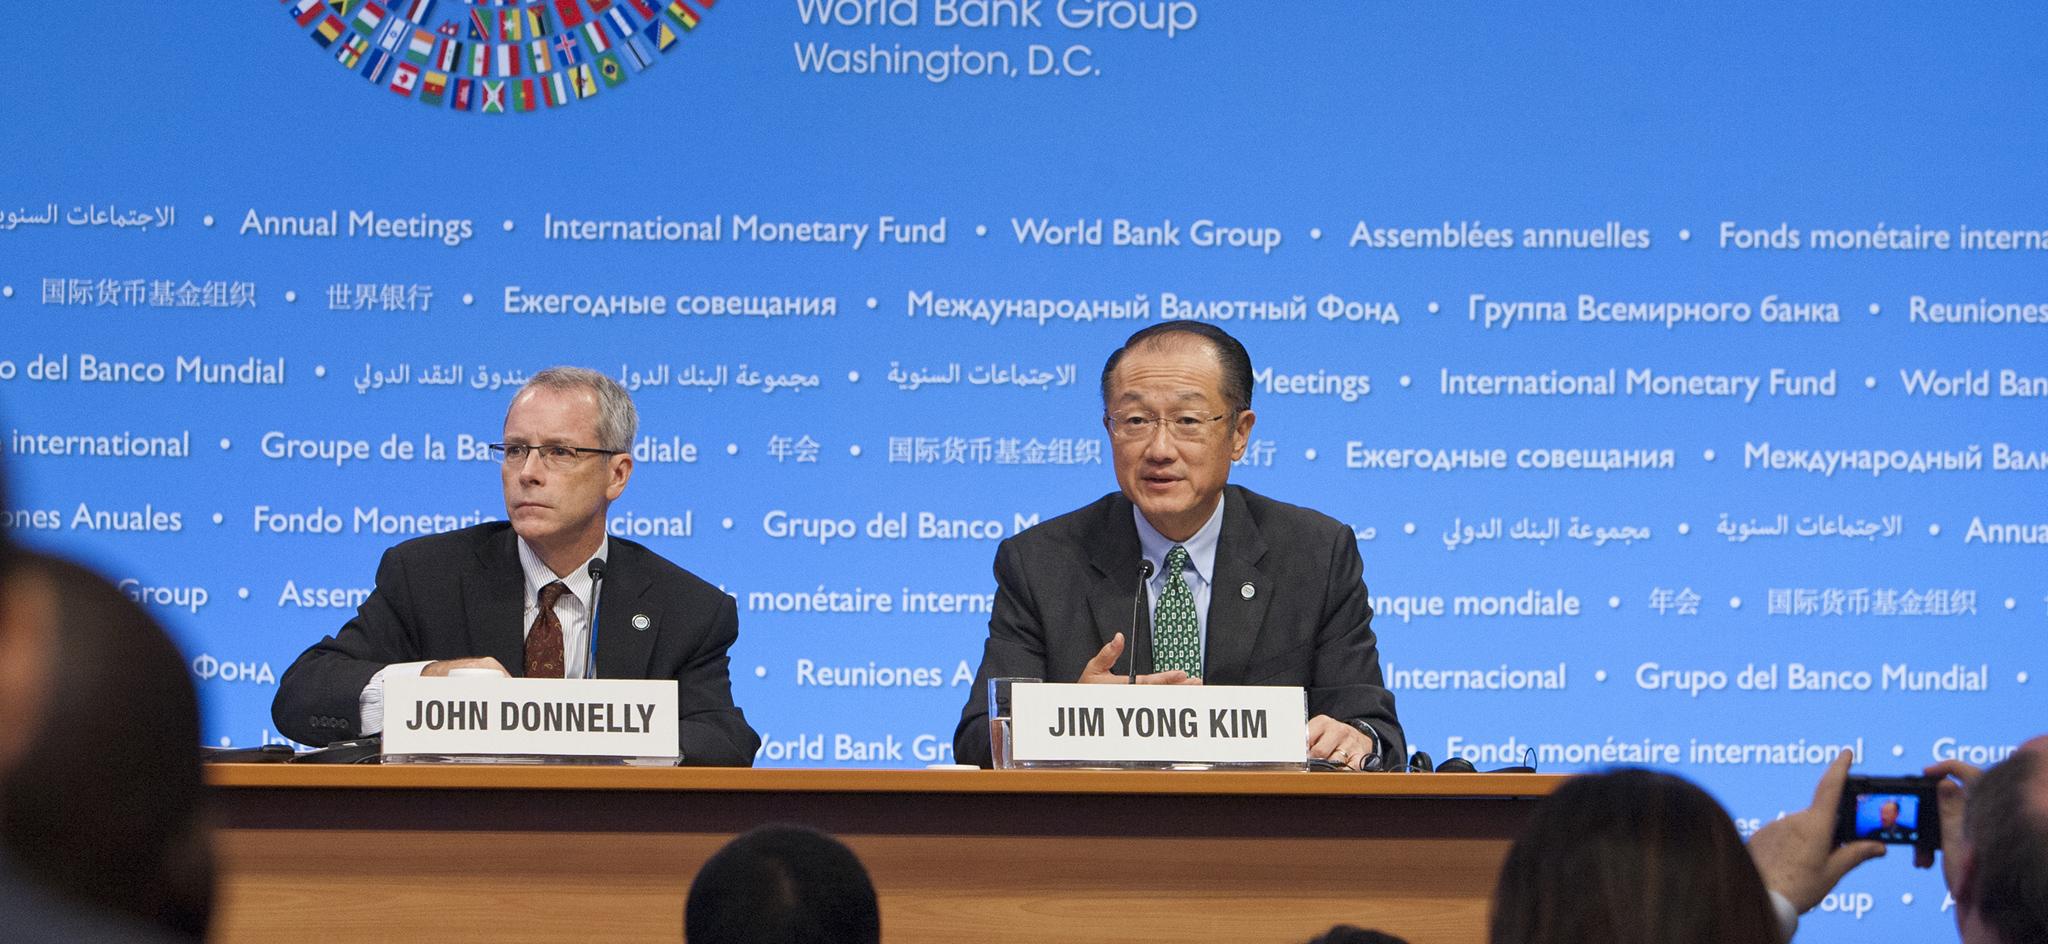 Conférence de presse de Jim Yong Kim